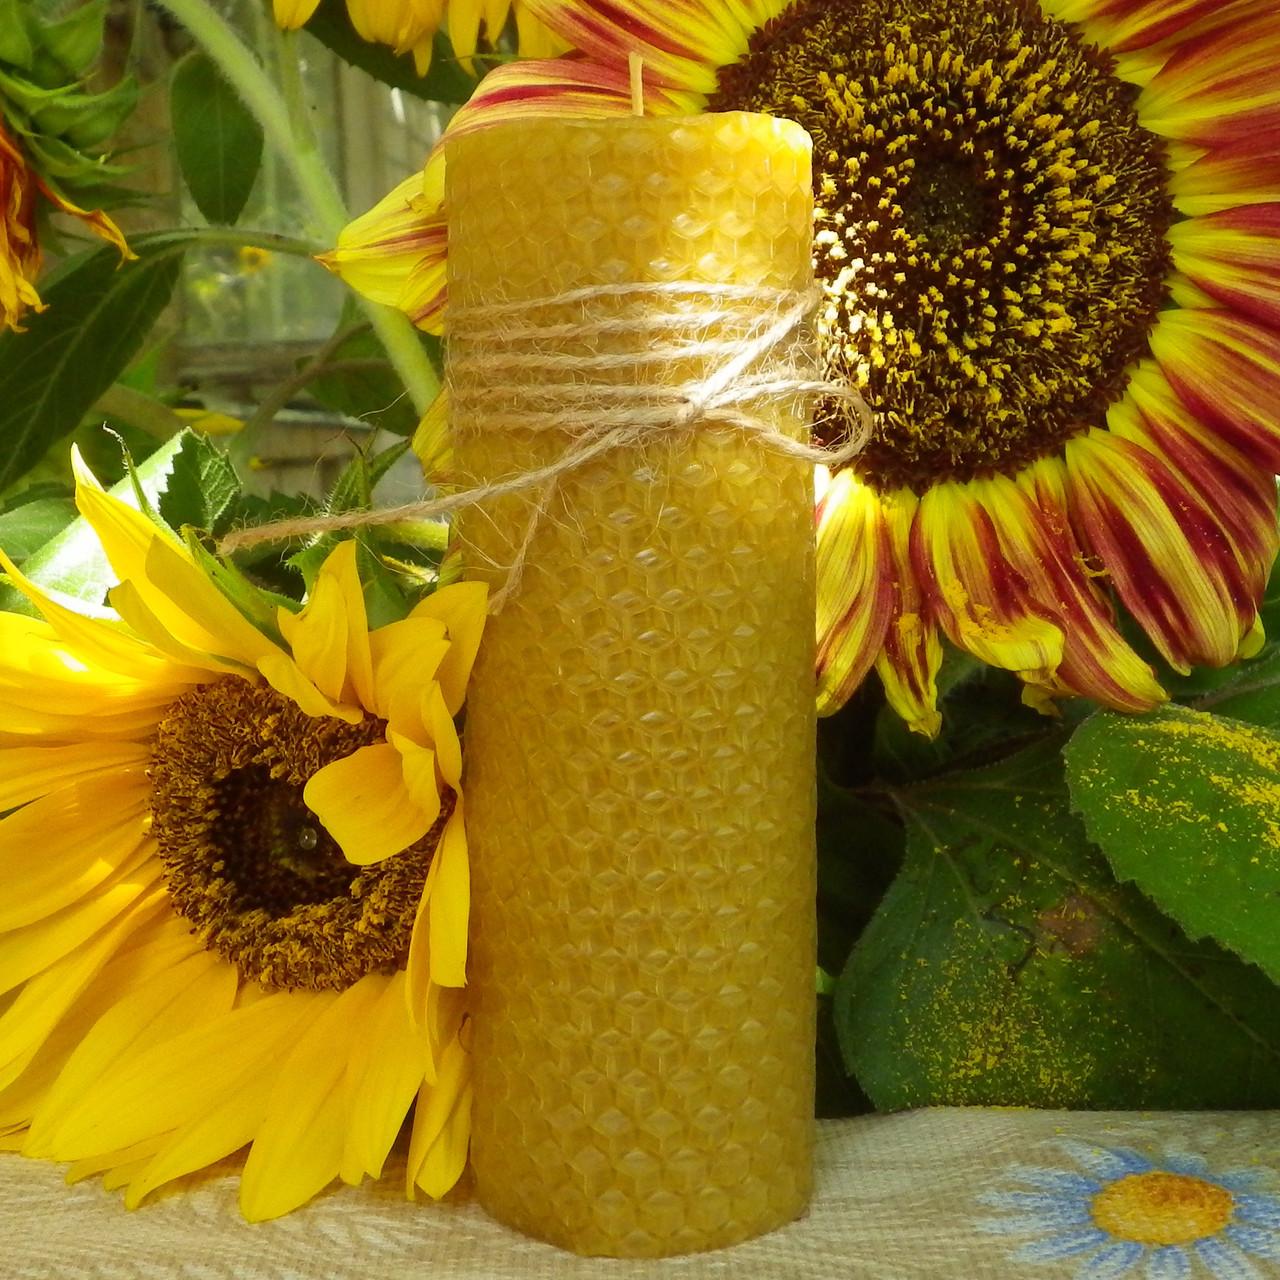 Цилиндрическая восковая свеча D45-70мм из натуральной вощины (натуральный пчелиный воск)